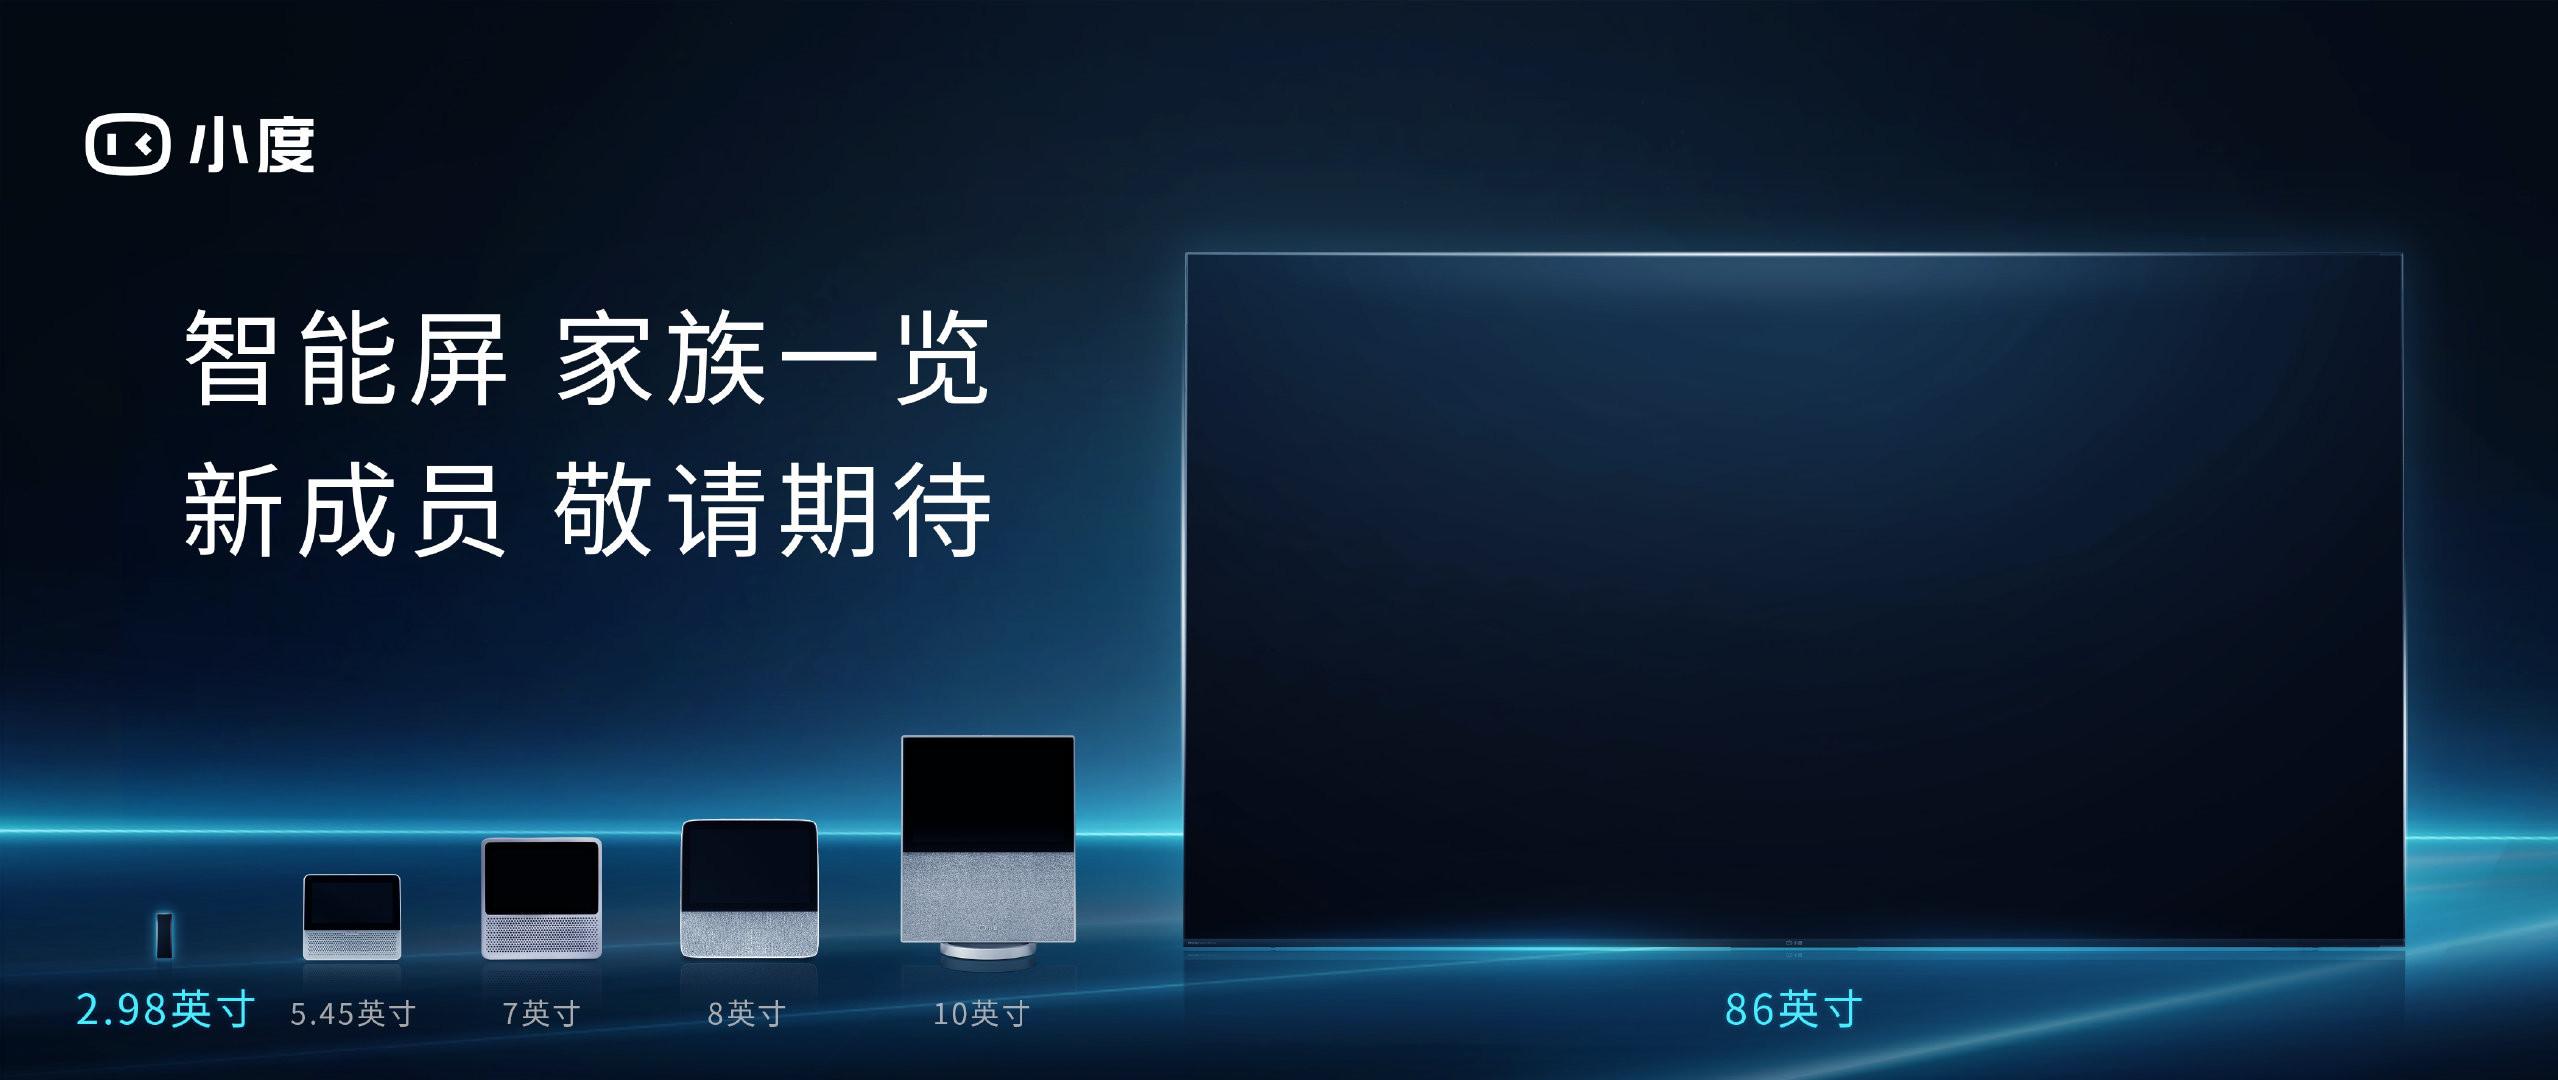 Baidu Xiaodu Smart Screen Will Launch Two New Smart TV